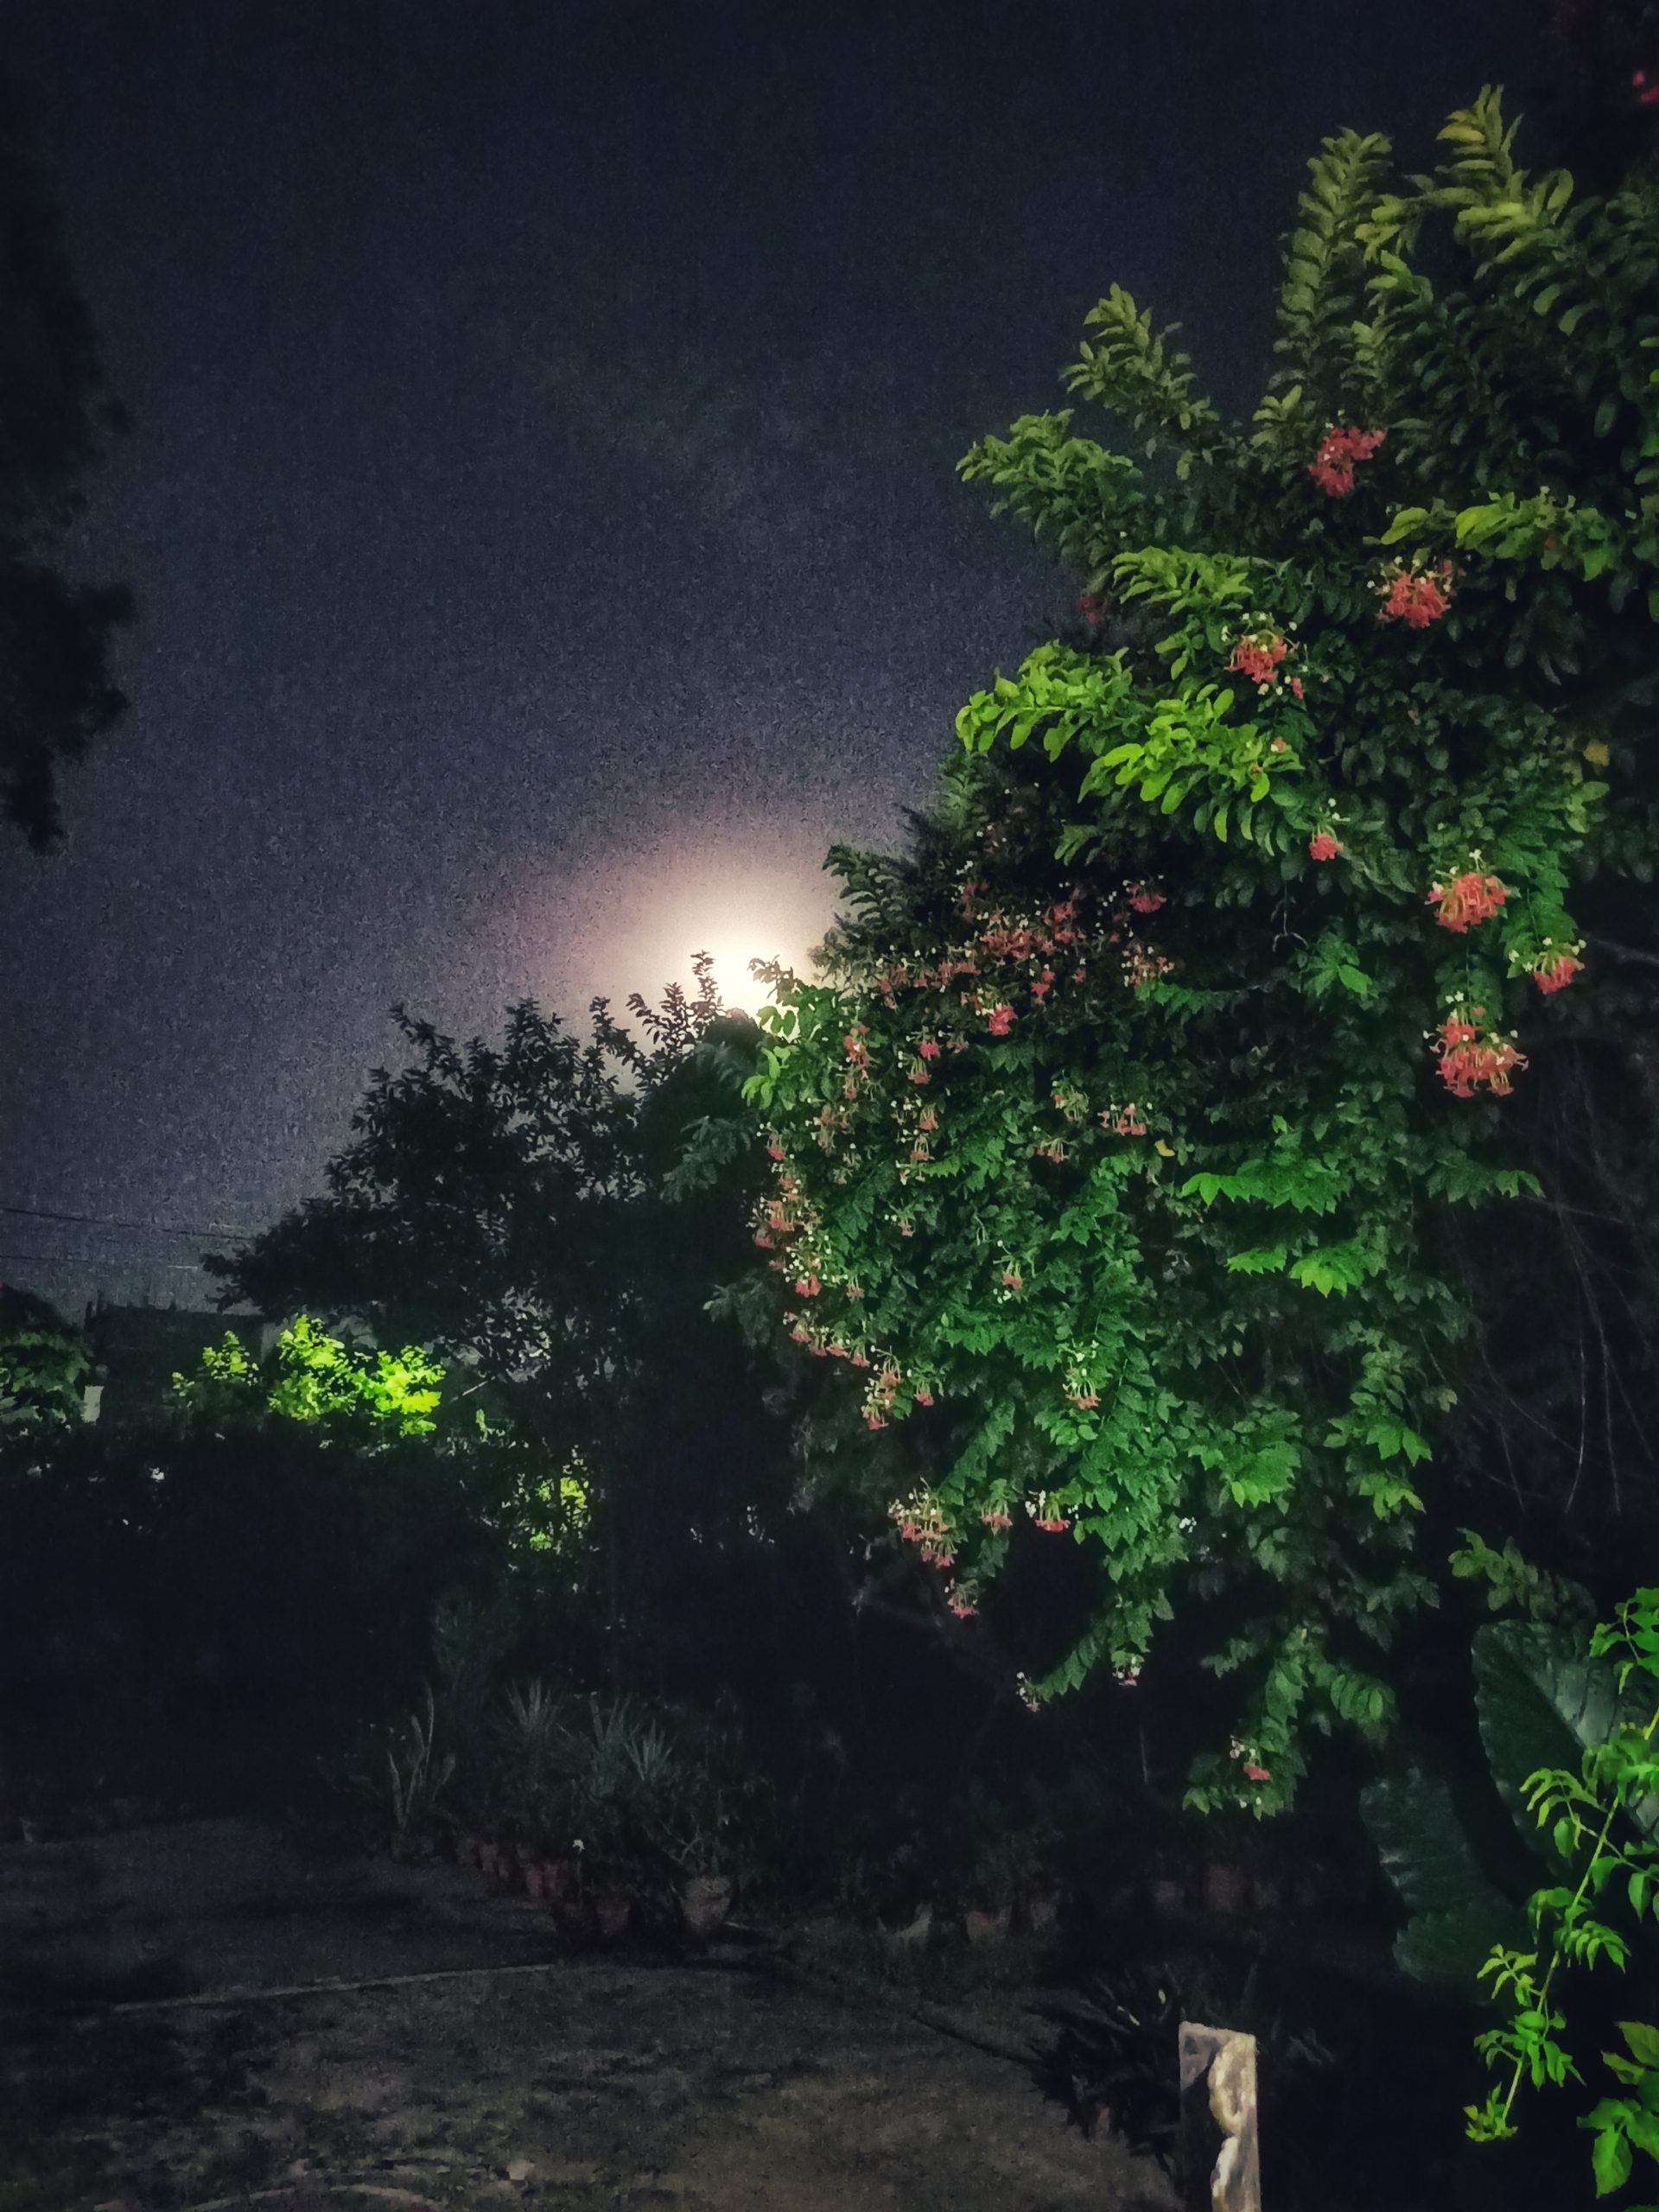 Moon hidden behind tree